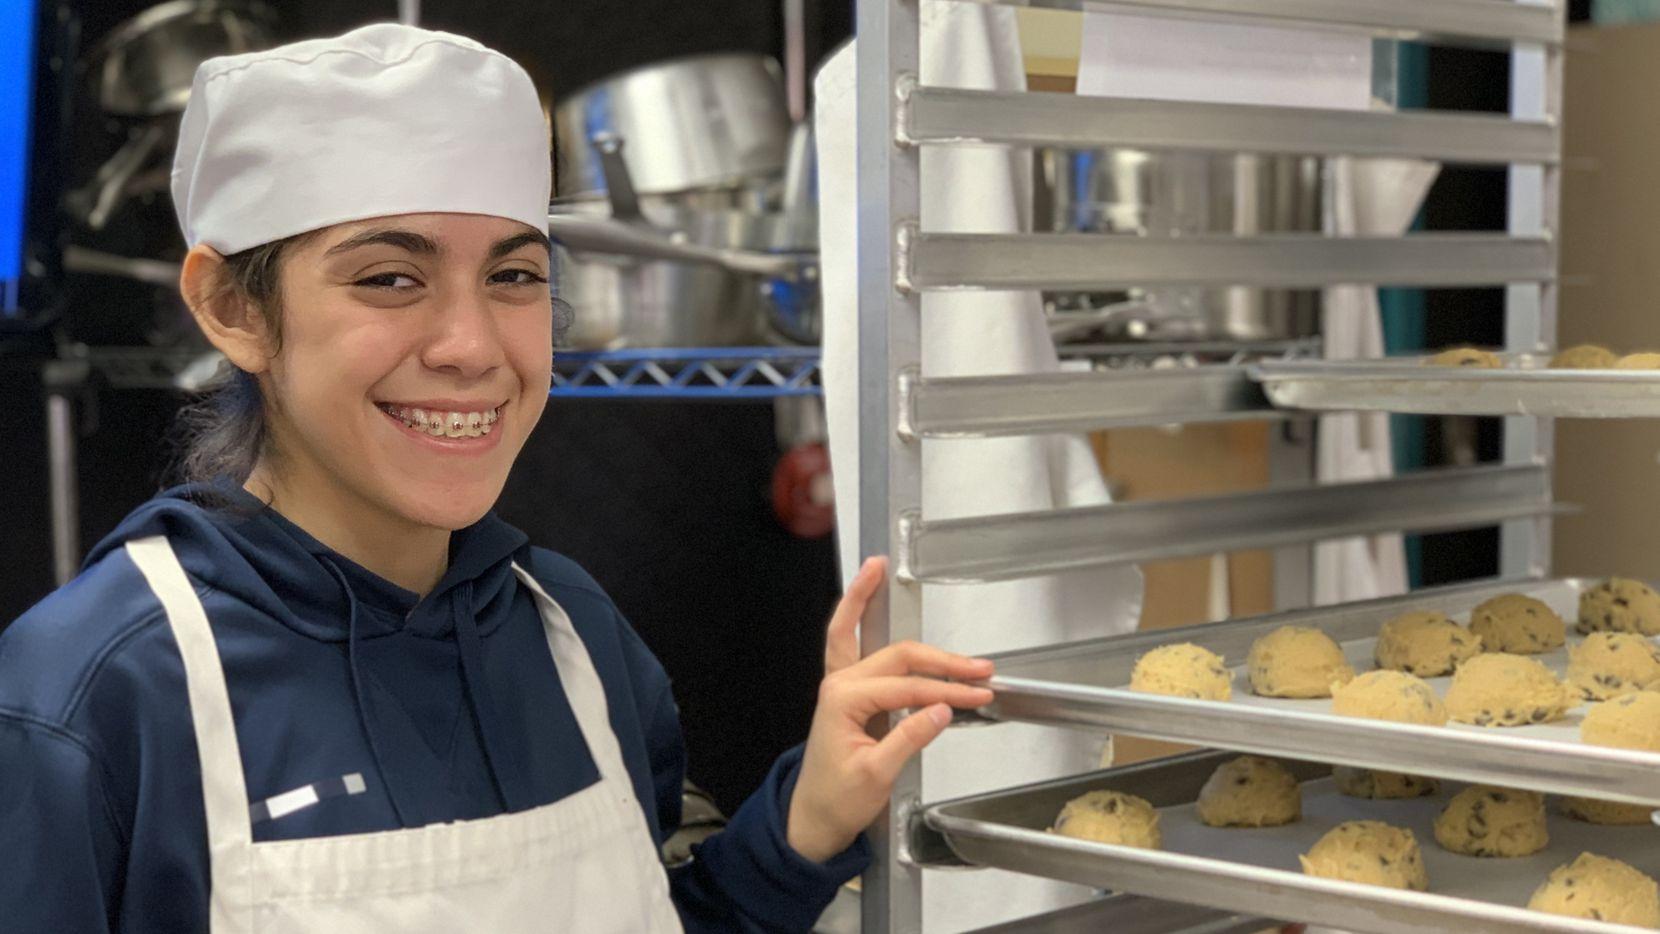 Ángeles Lechuga, de 18 años, fue la jefa de cocina  de Molina High School encargada del proyecto de hornear 600 galletas para el evento del DISD. Además de la cocina, le gusta el futbol y ahora tiene una habilidad profesional que podrá servirle en el futuro.